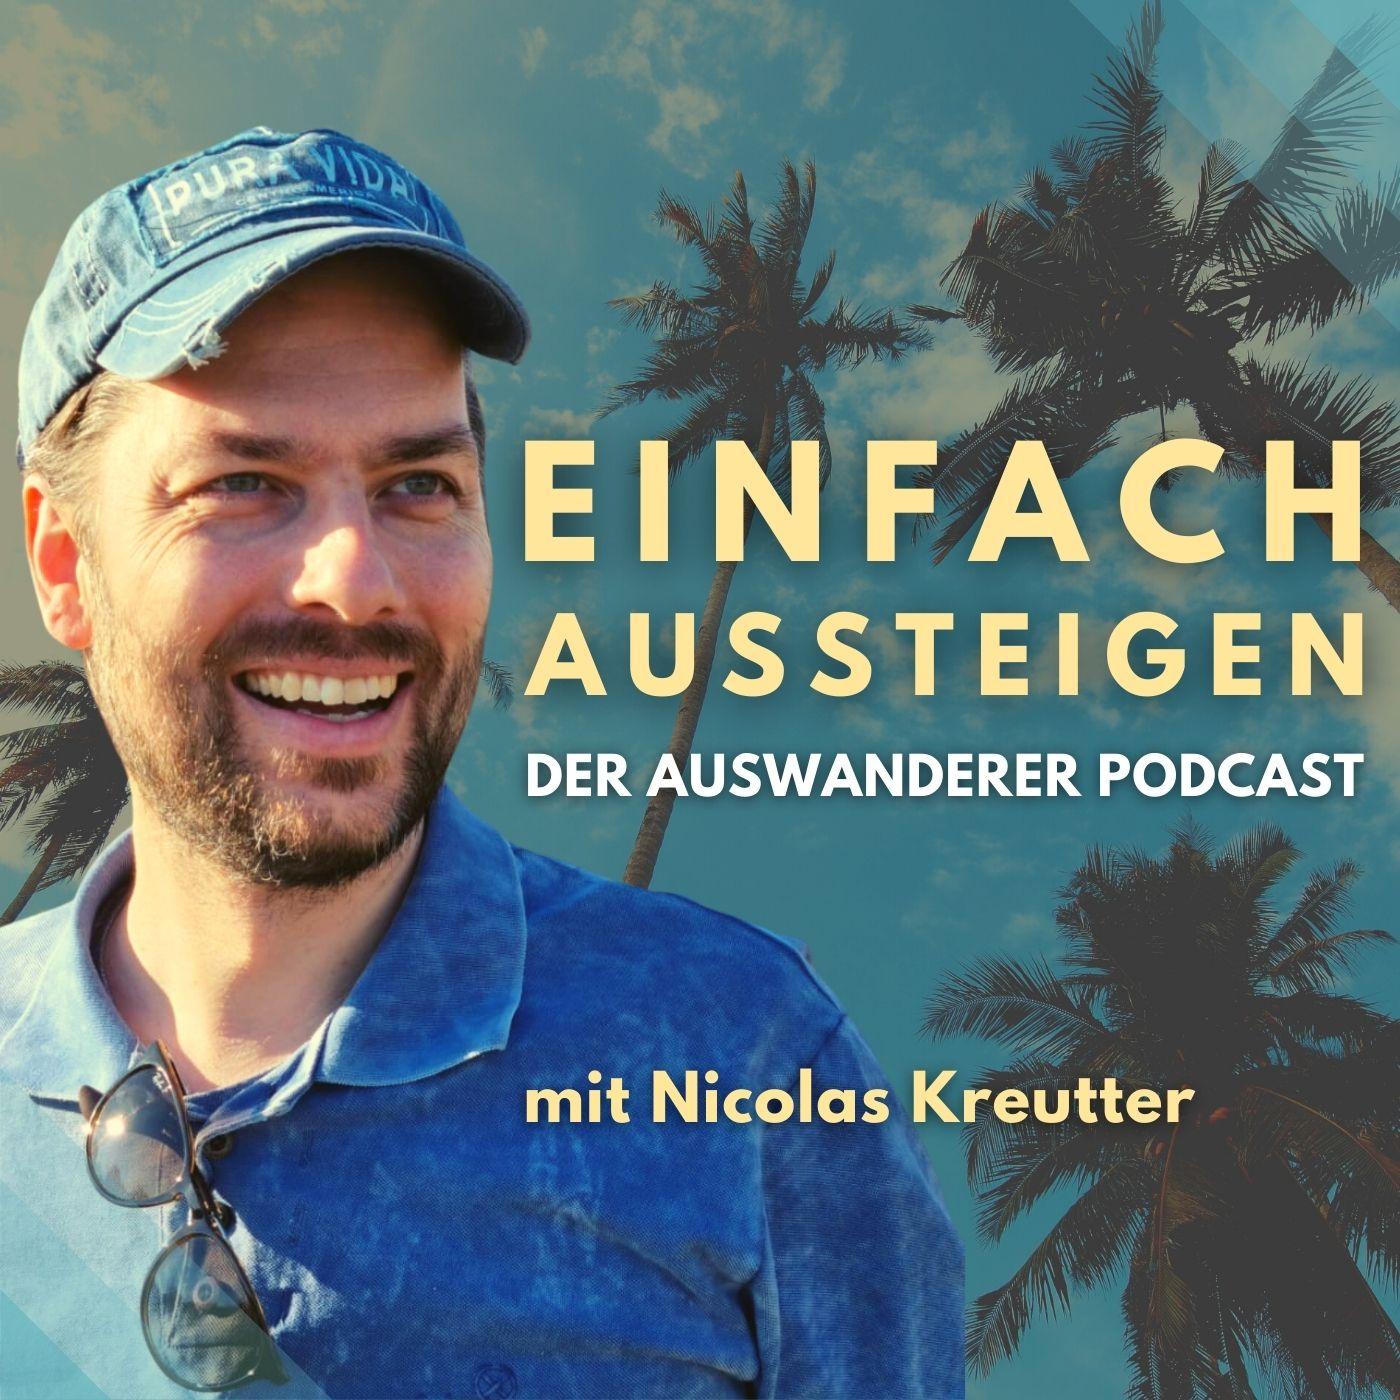 Nicolas Kreutter  Einfach aussteigen Der Auswanderer Podcast